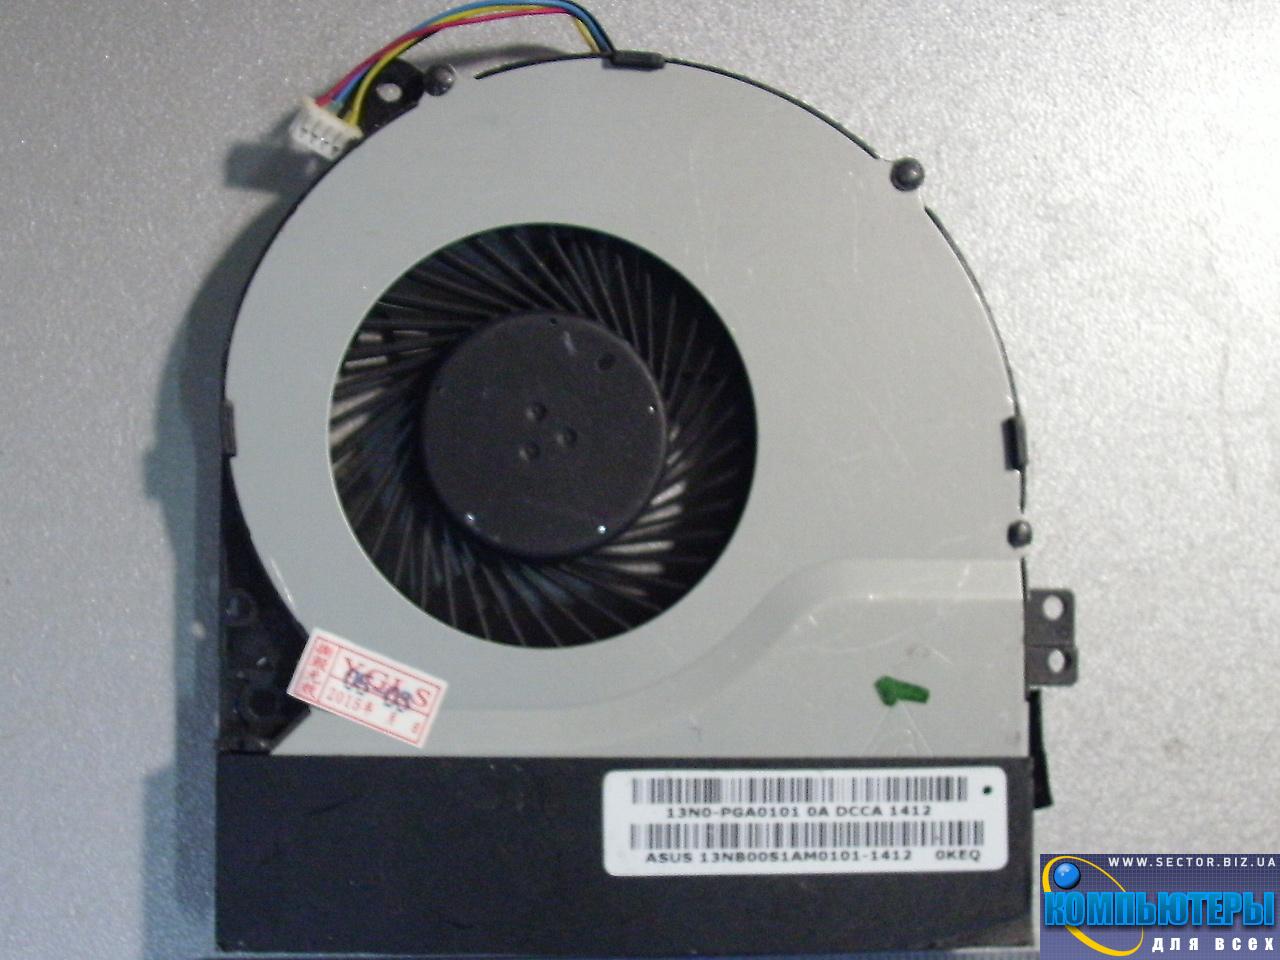 Кулер к ноутбуку Asus X450 X450CA X550 X550C X550V X550VC p/n: MF75070V1-C090-S9A. Фото № 2.